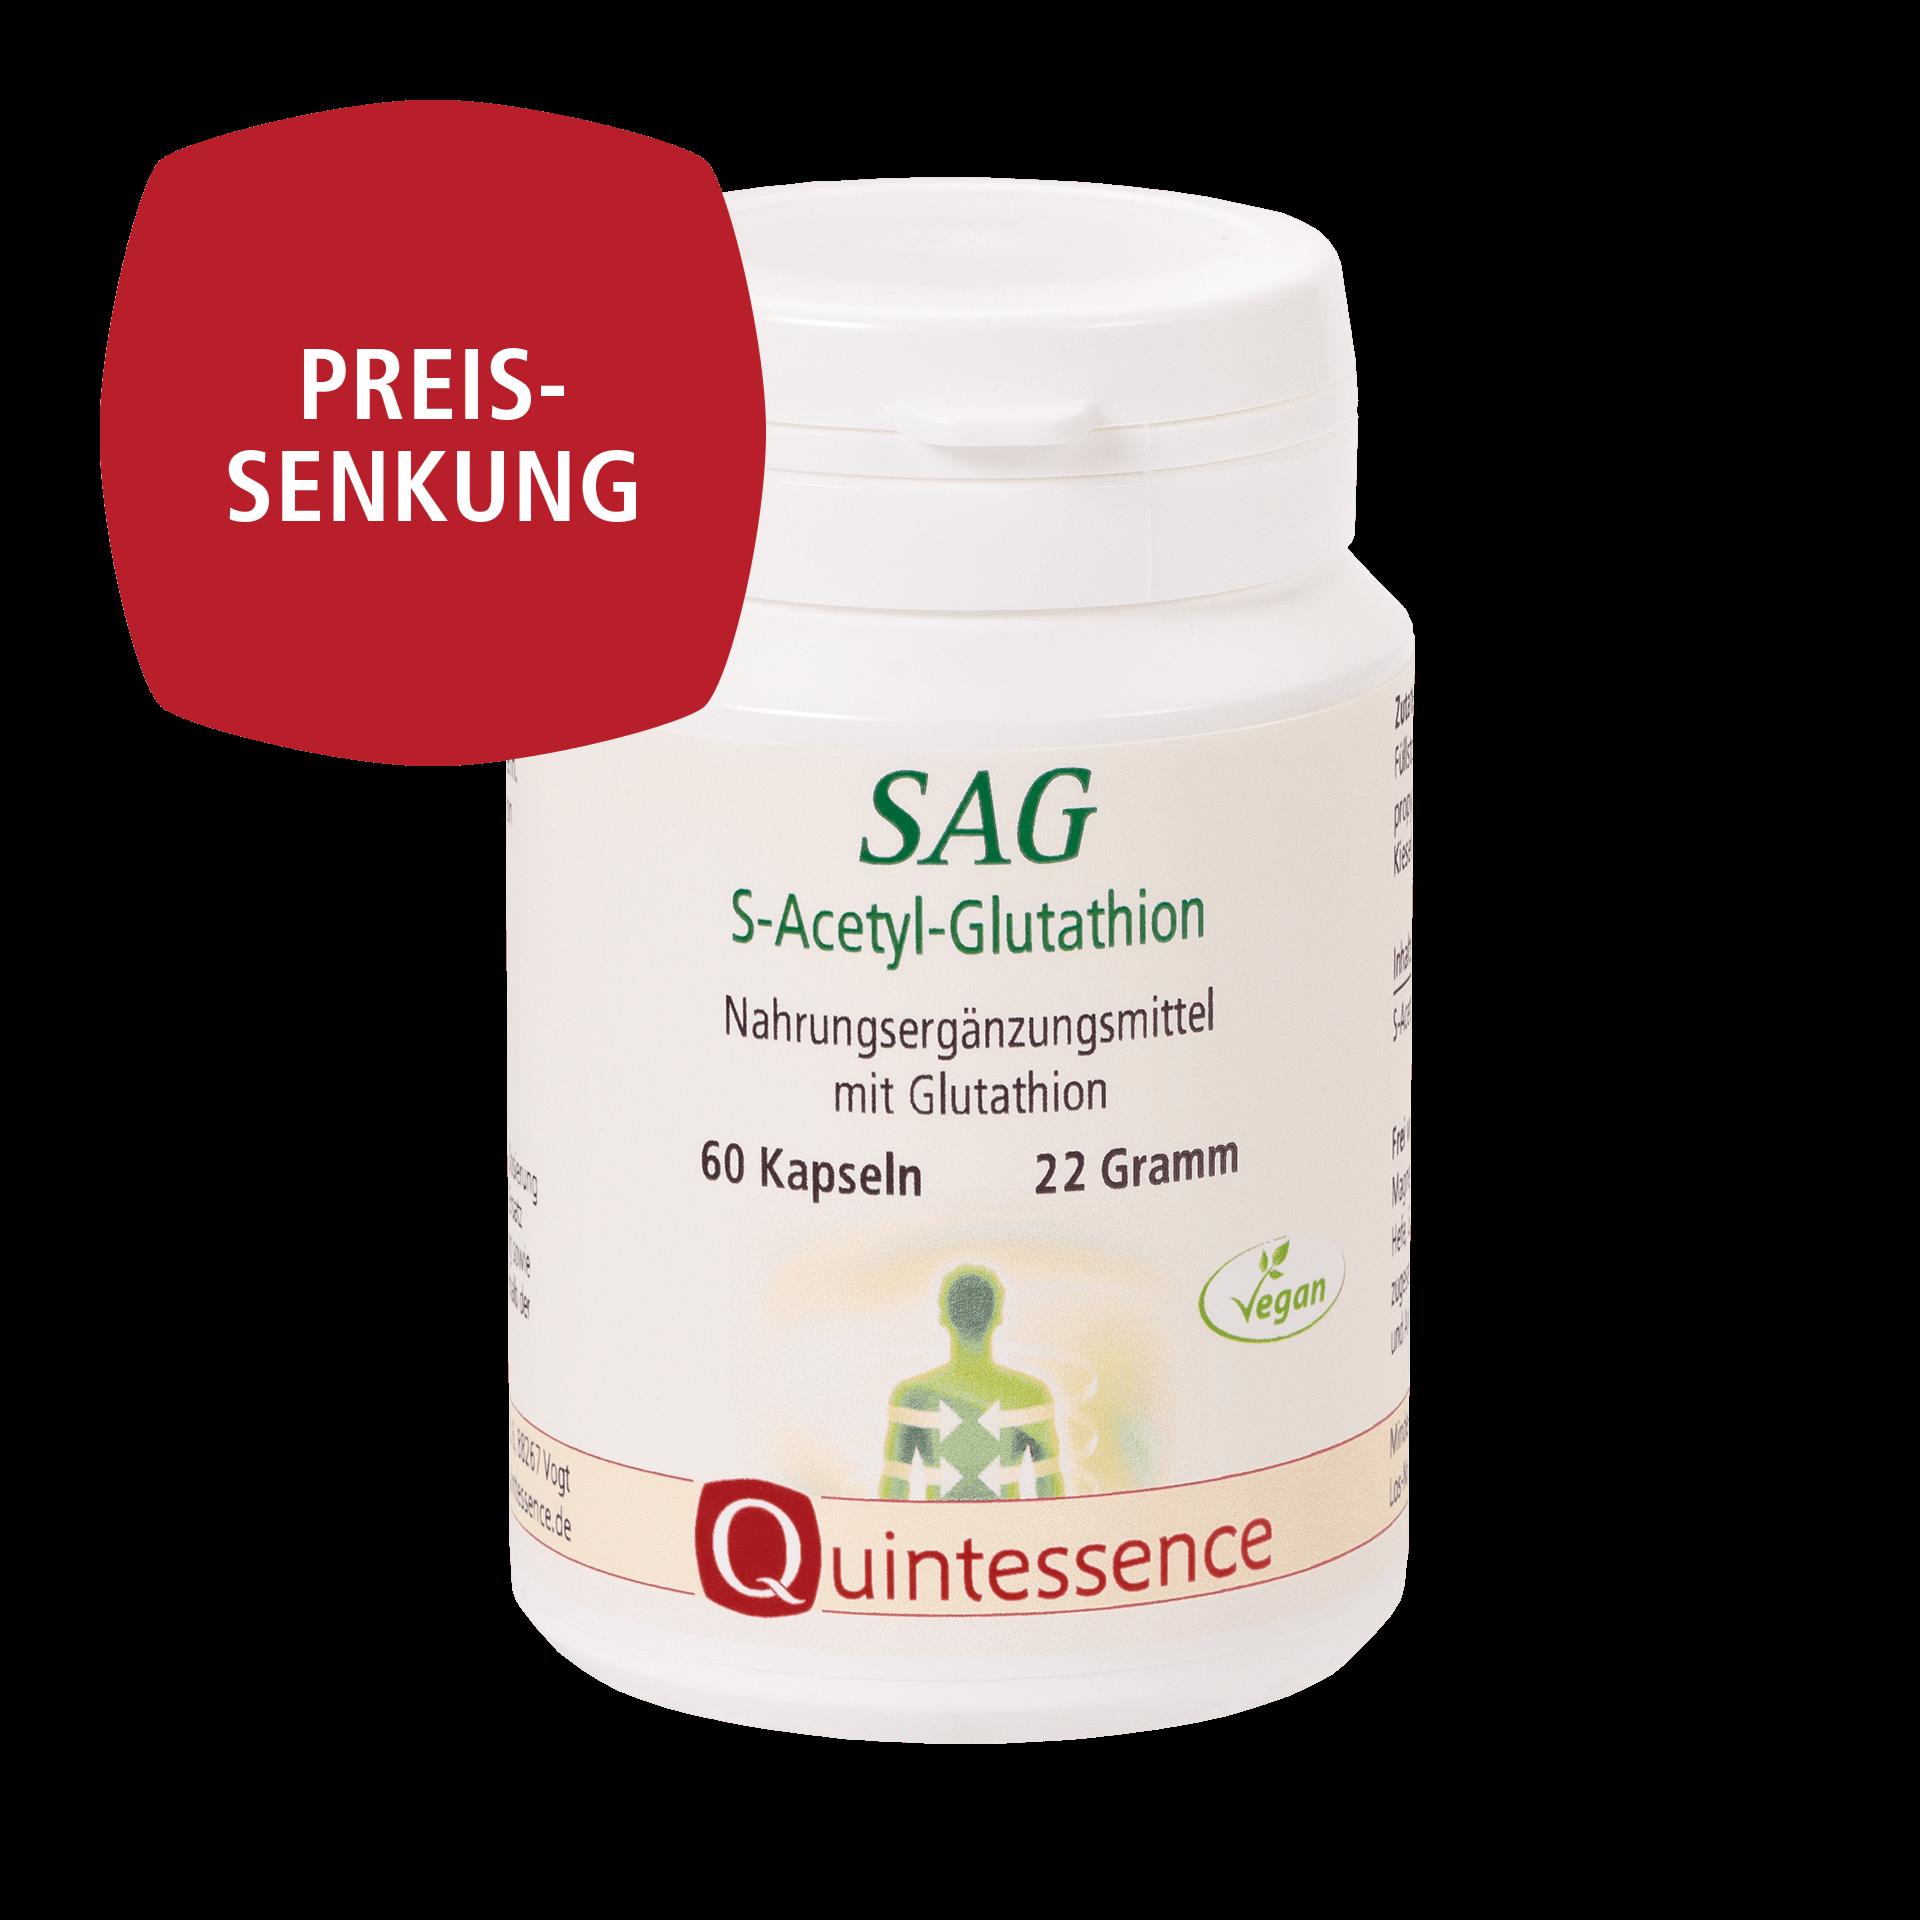 SAG S-Acetyl-Glutathion, 60 Kapseln